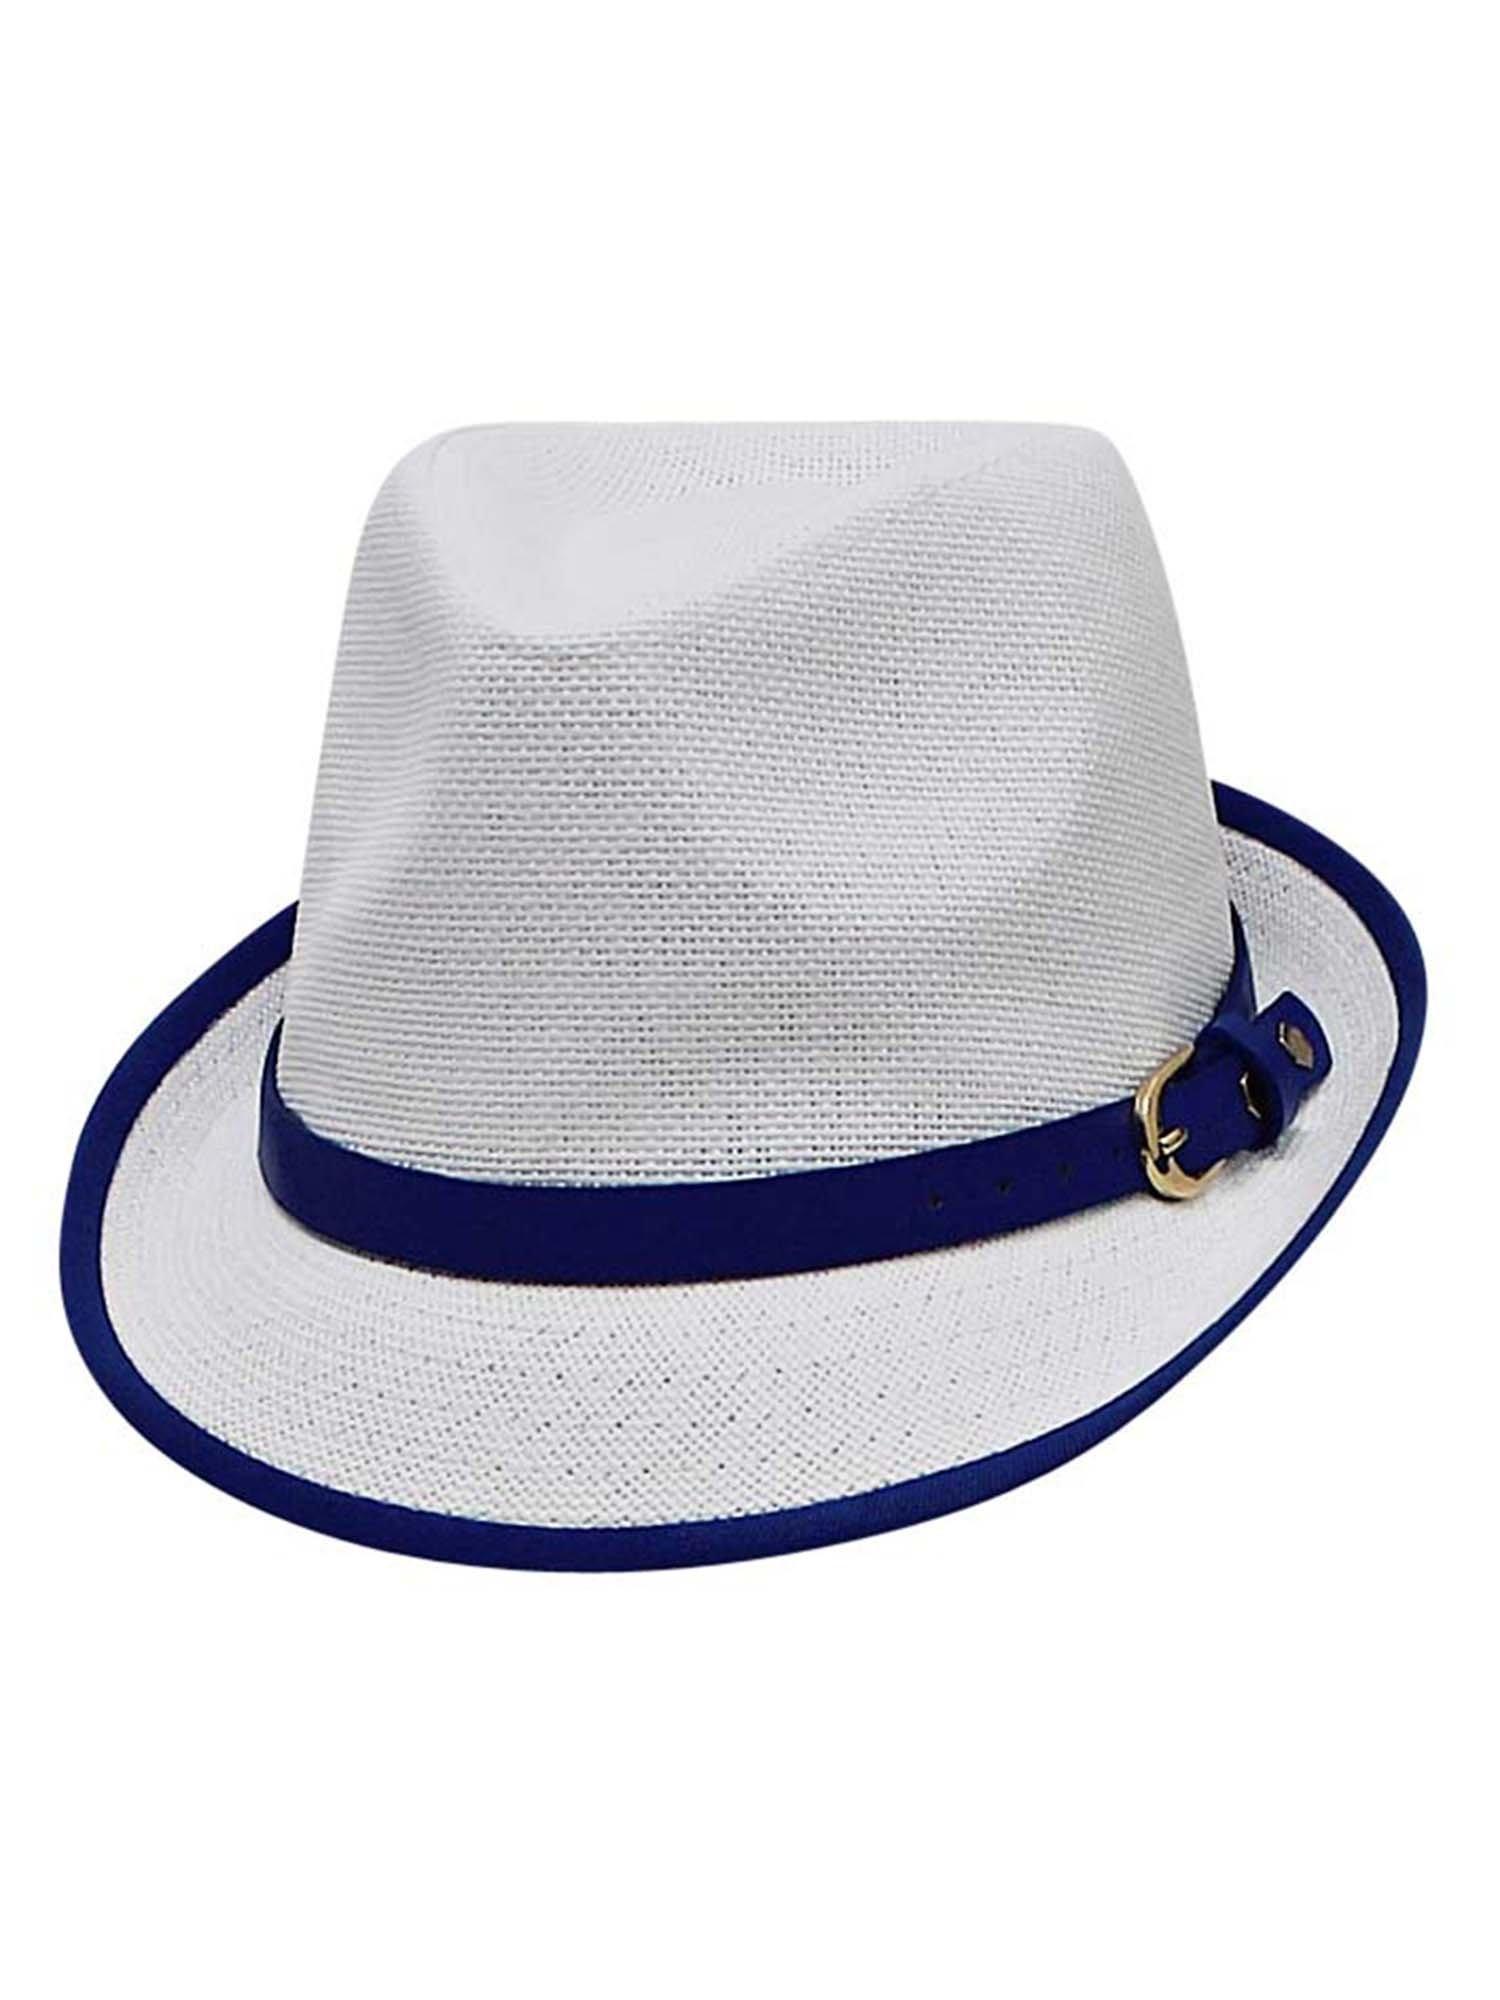 Luxury Divas White & Blue Lightweight Summer Fedora Hat with Belt Style Band